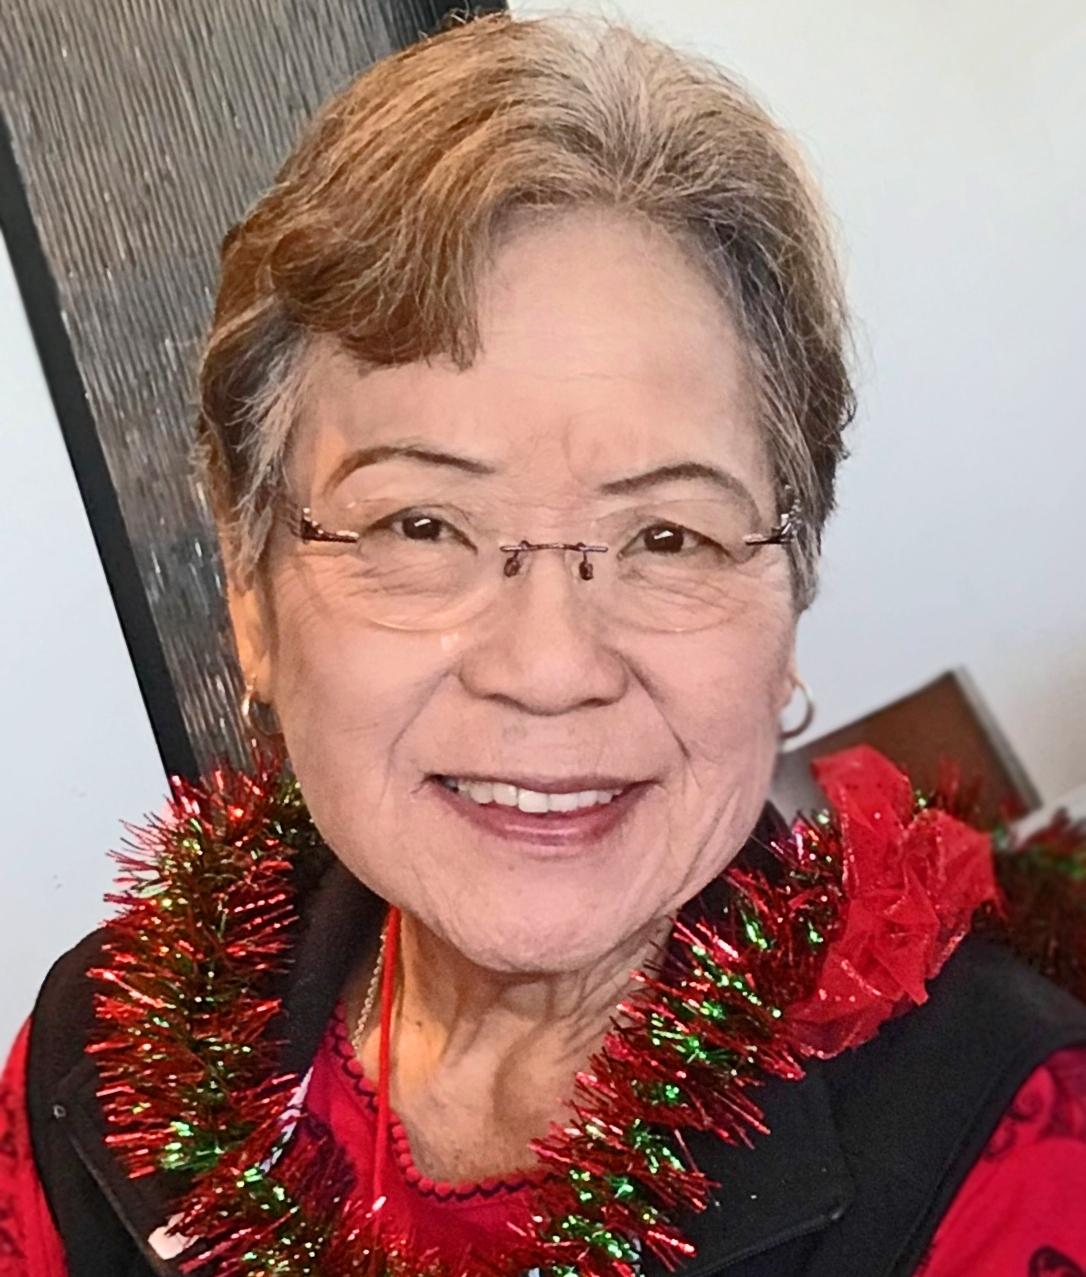 BEATRICE SHIZUE HOSHINO